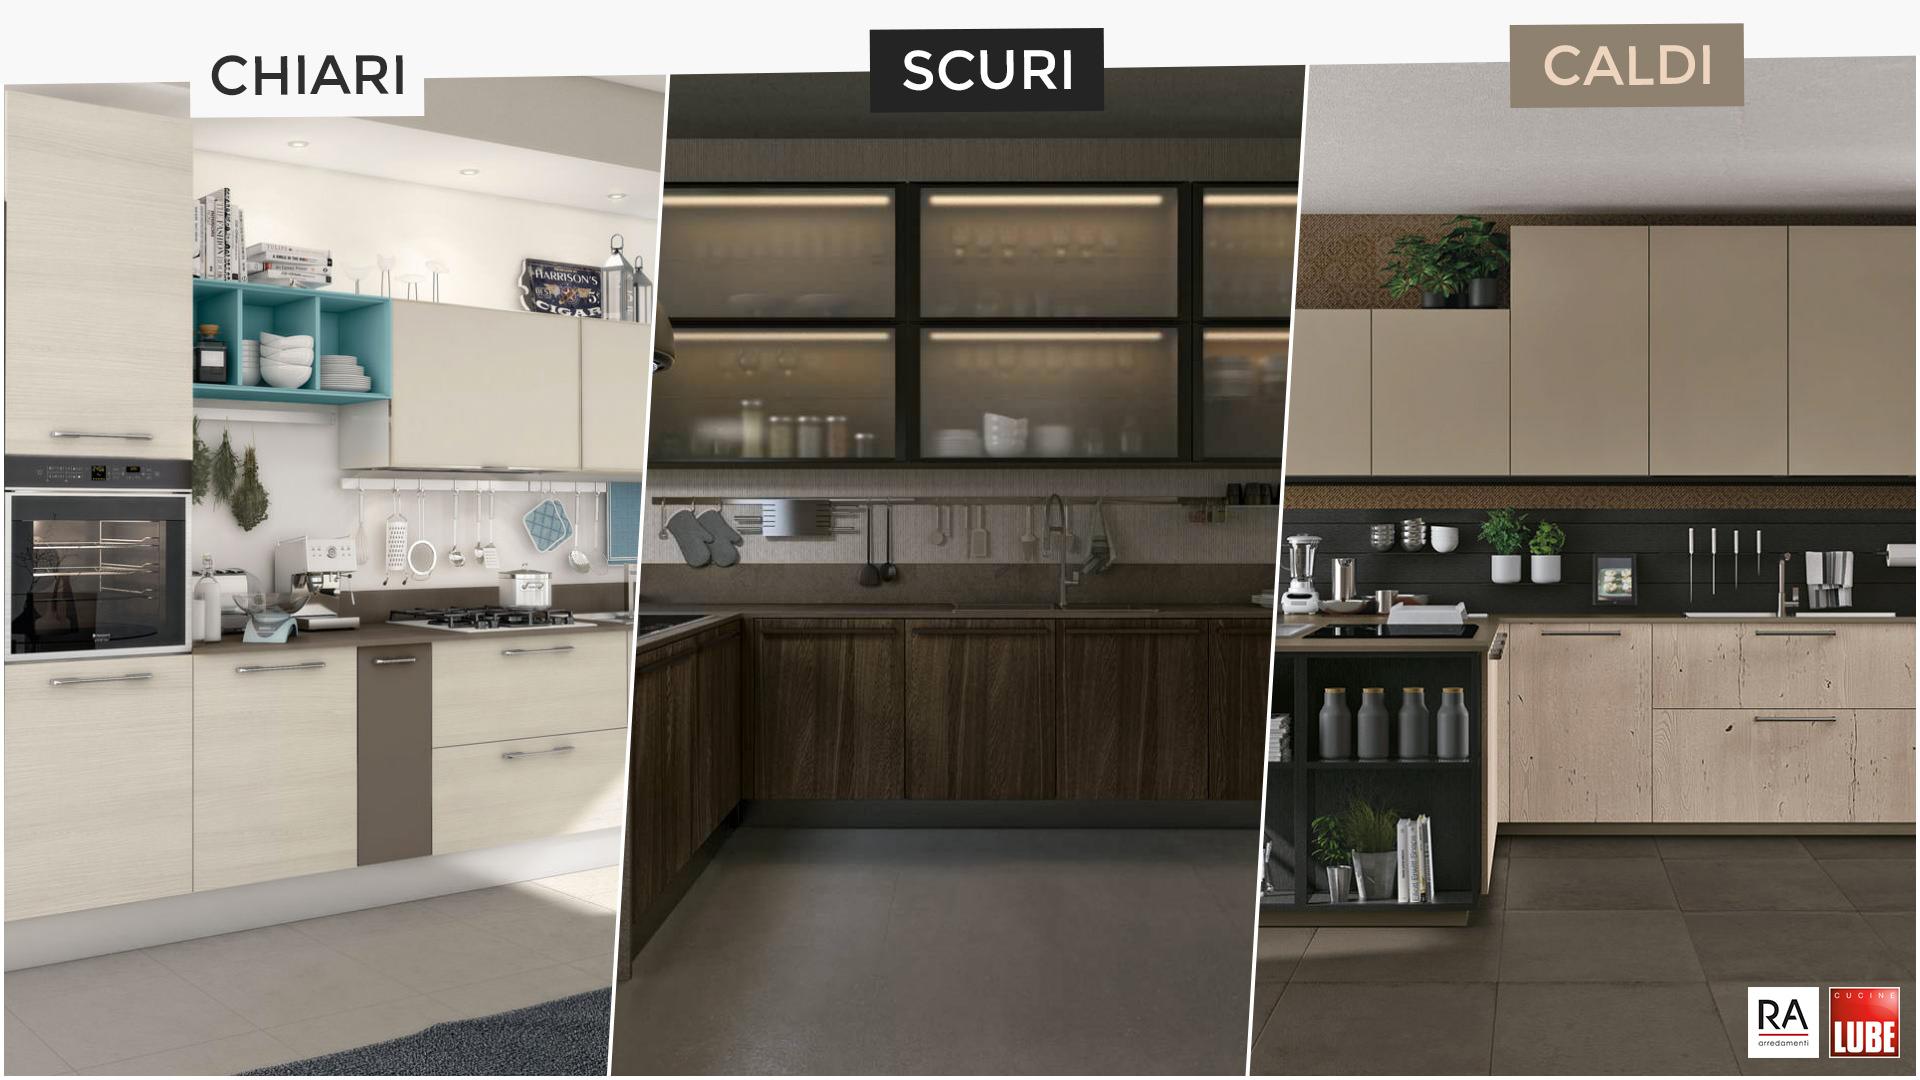 Cucine Moderne Scure.I Colori In Cucina Le Tonalita Da Scegliere In Base Al